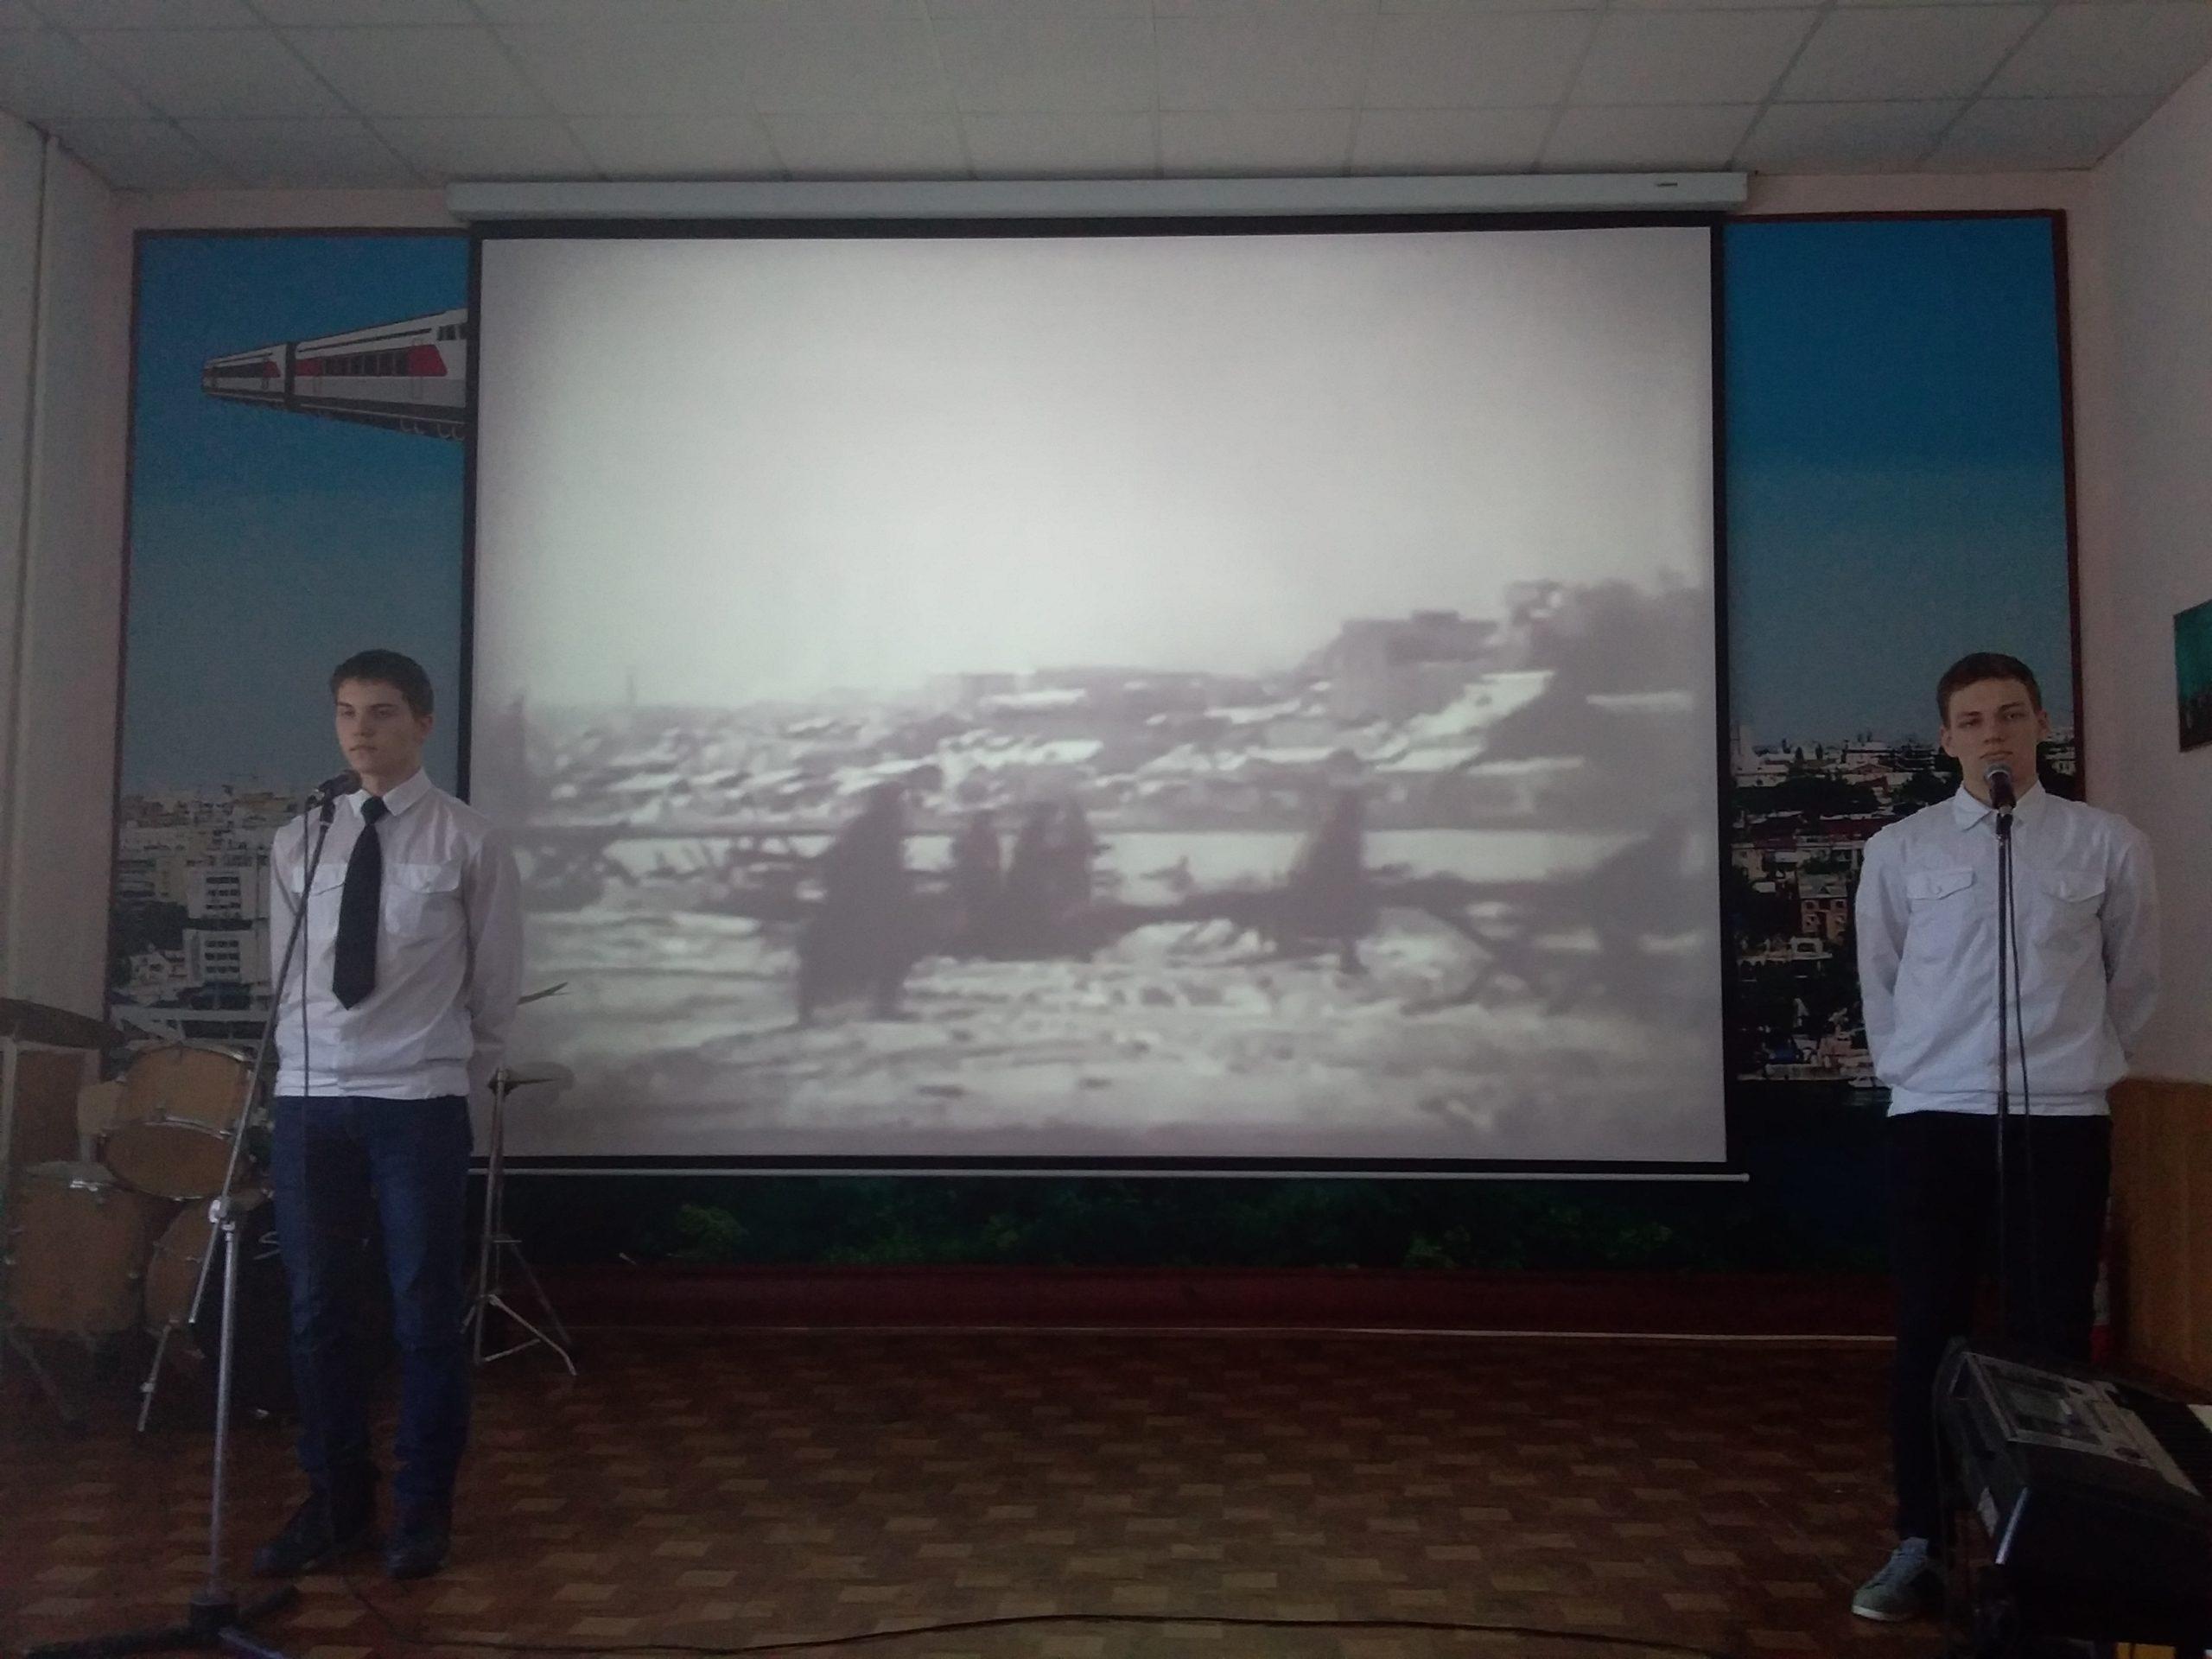 14 февраля — День освобождения Ростова-на-Дону